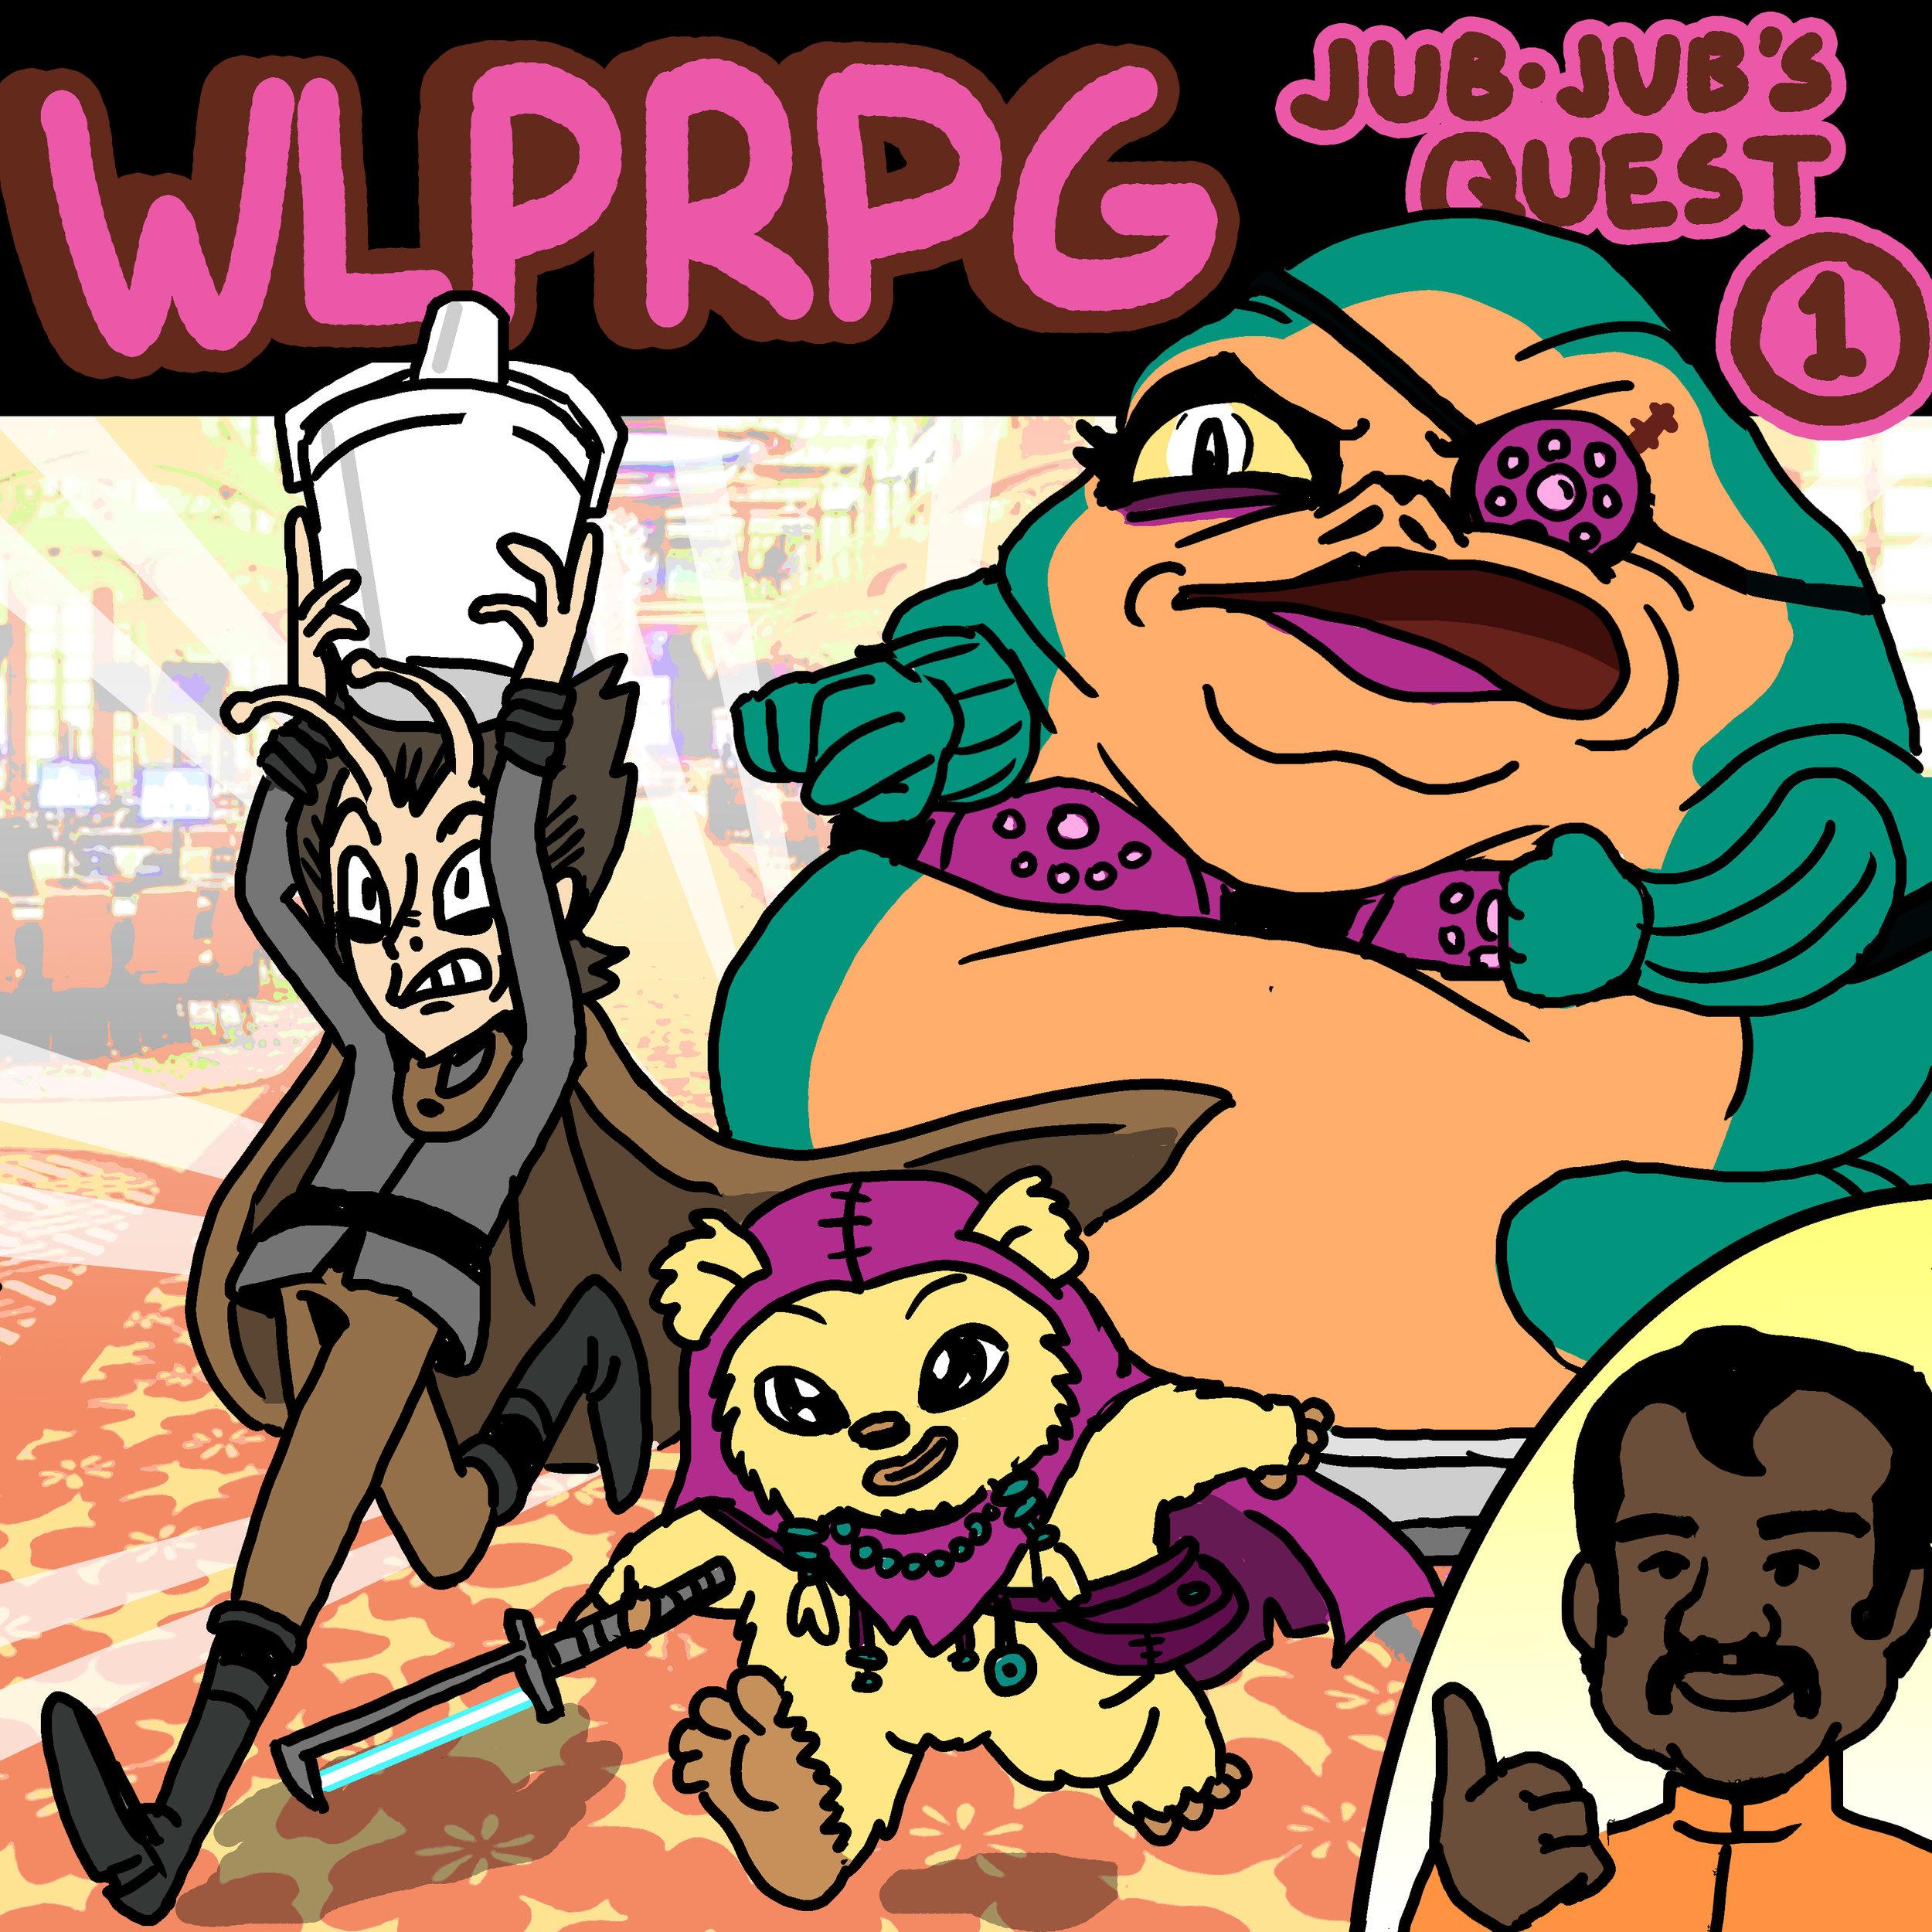 Jub-Jub's Quest #1 illustration